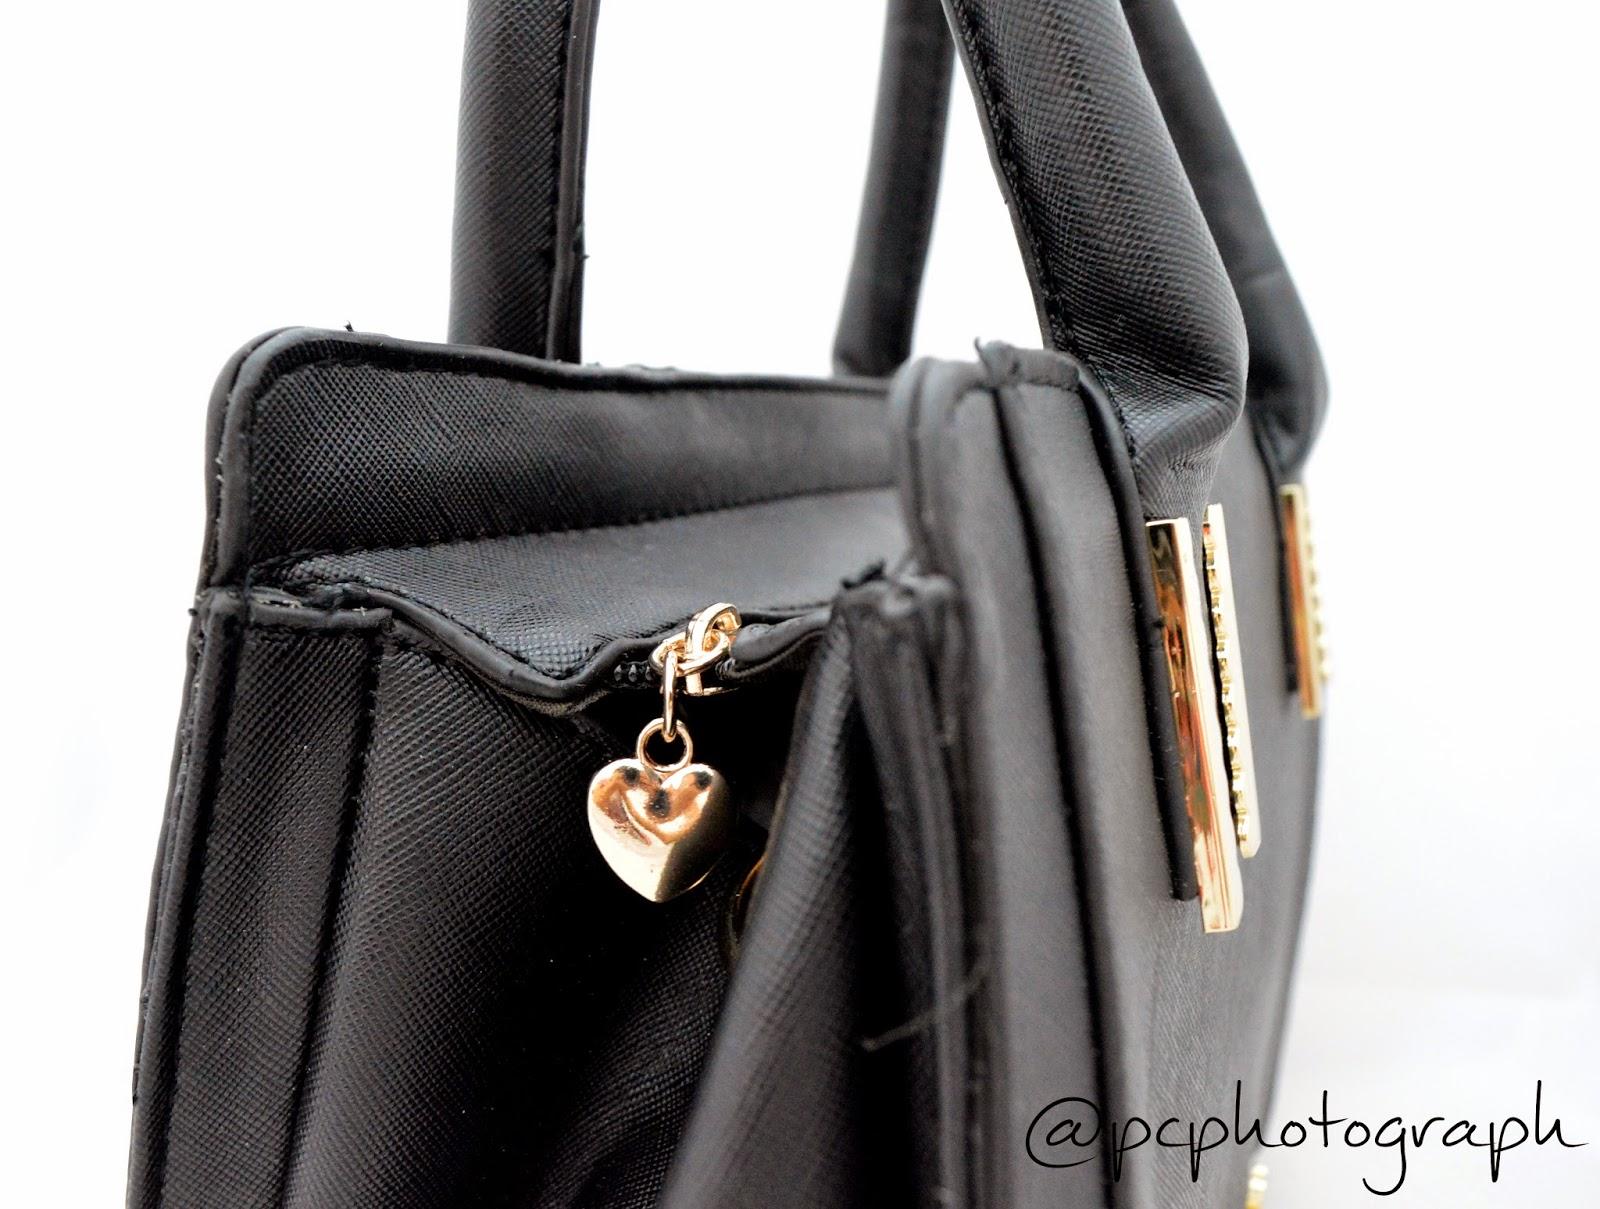 Supplier tas yang bertempat di batam merupakan supplier terbesar dan terpercaya menjual berbagai macam tas fashion yang berkualitas dan murah kunjungi kami lebih lanjut